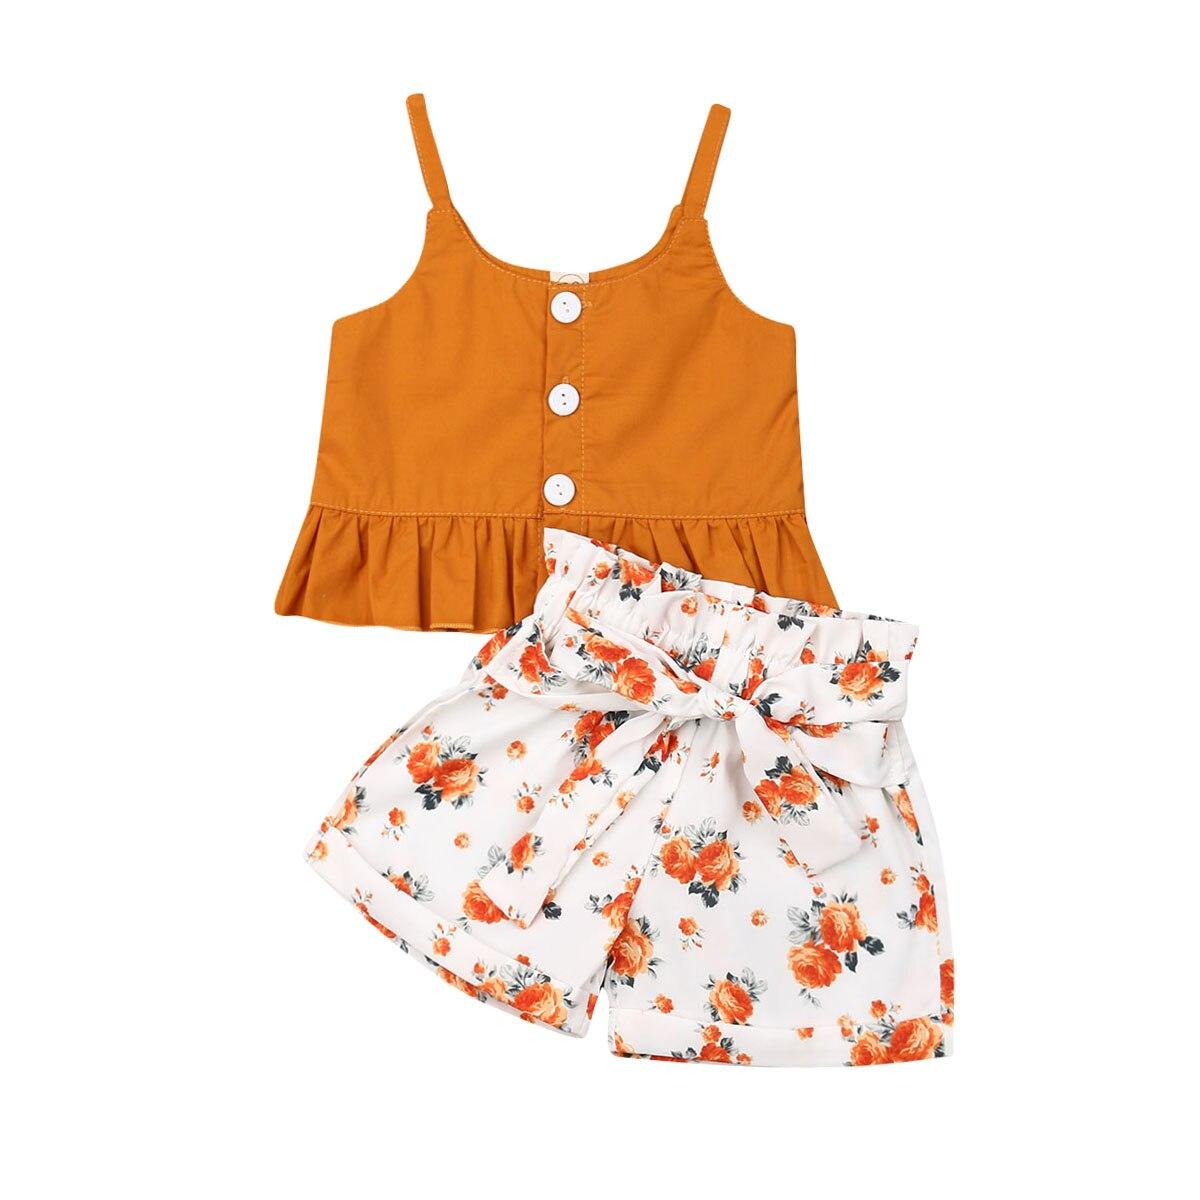 2019 verano lindo niño pequeño chico niña Sling sin mangas volantes Tops + Pantalones cortos florales pantalones 2 uds trajes ropa verano